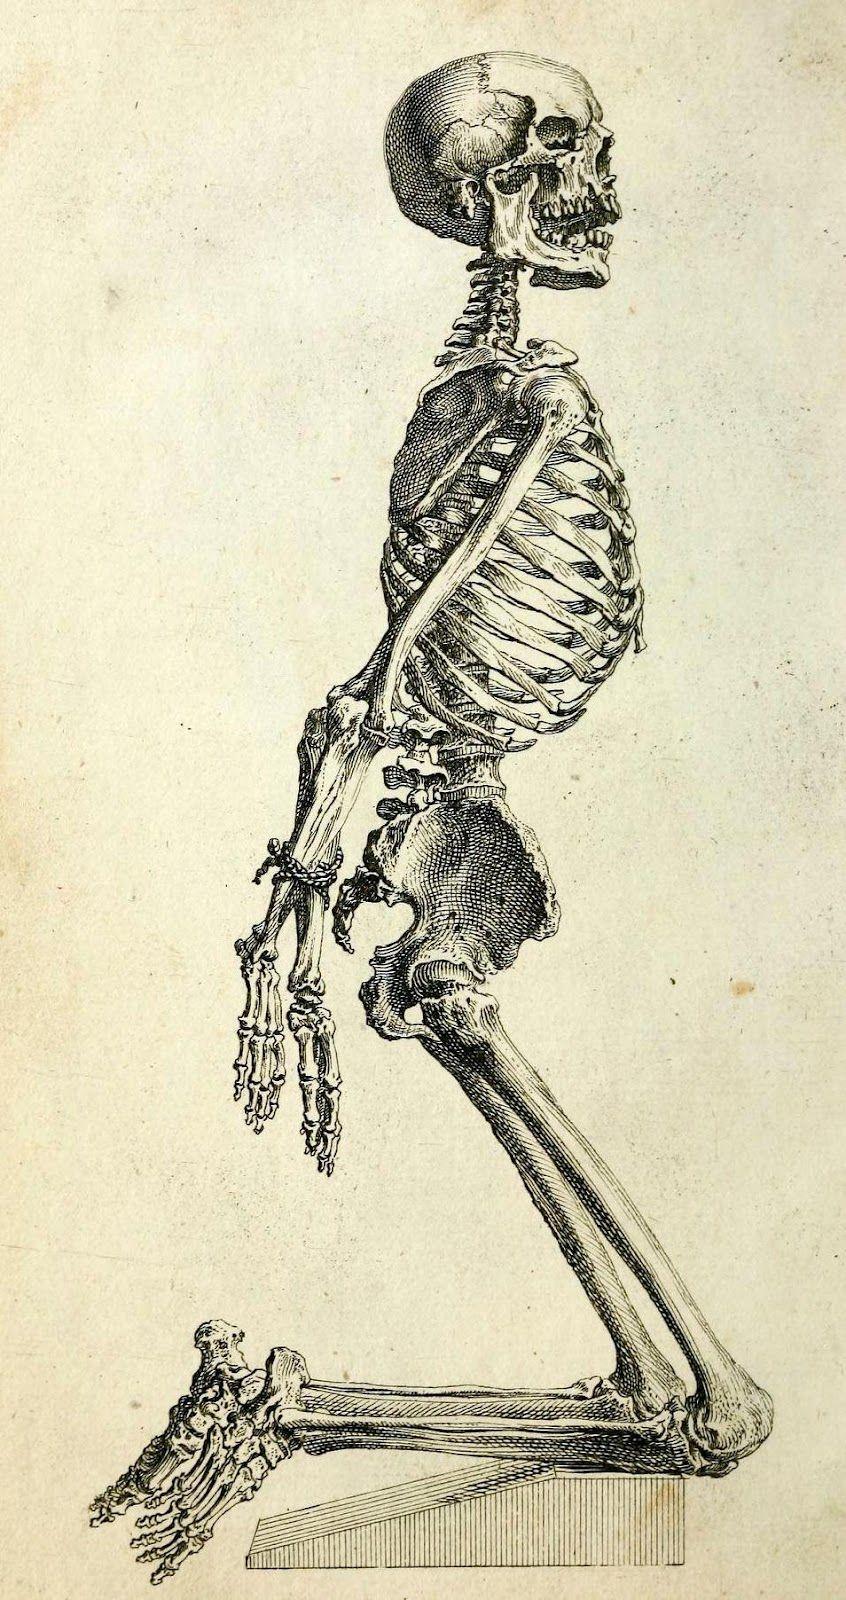 Designersgotoheaven Skeleton Bound Tab X The Anatomy Of The